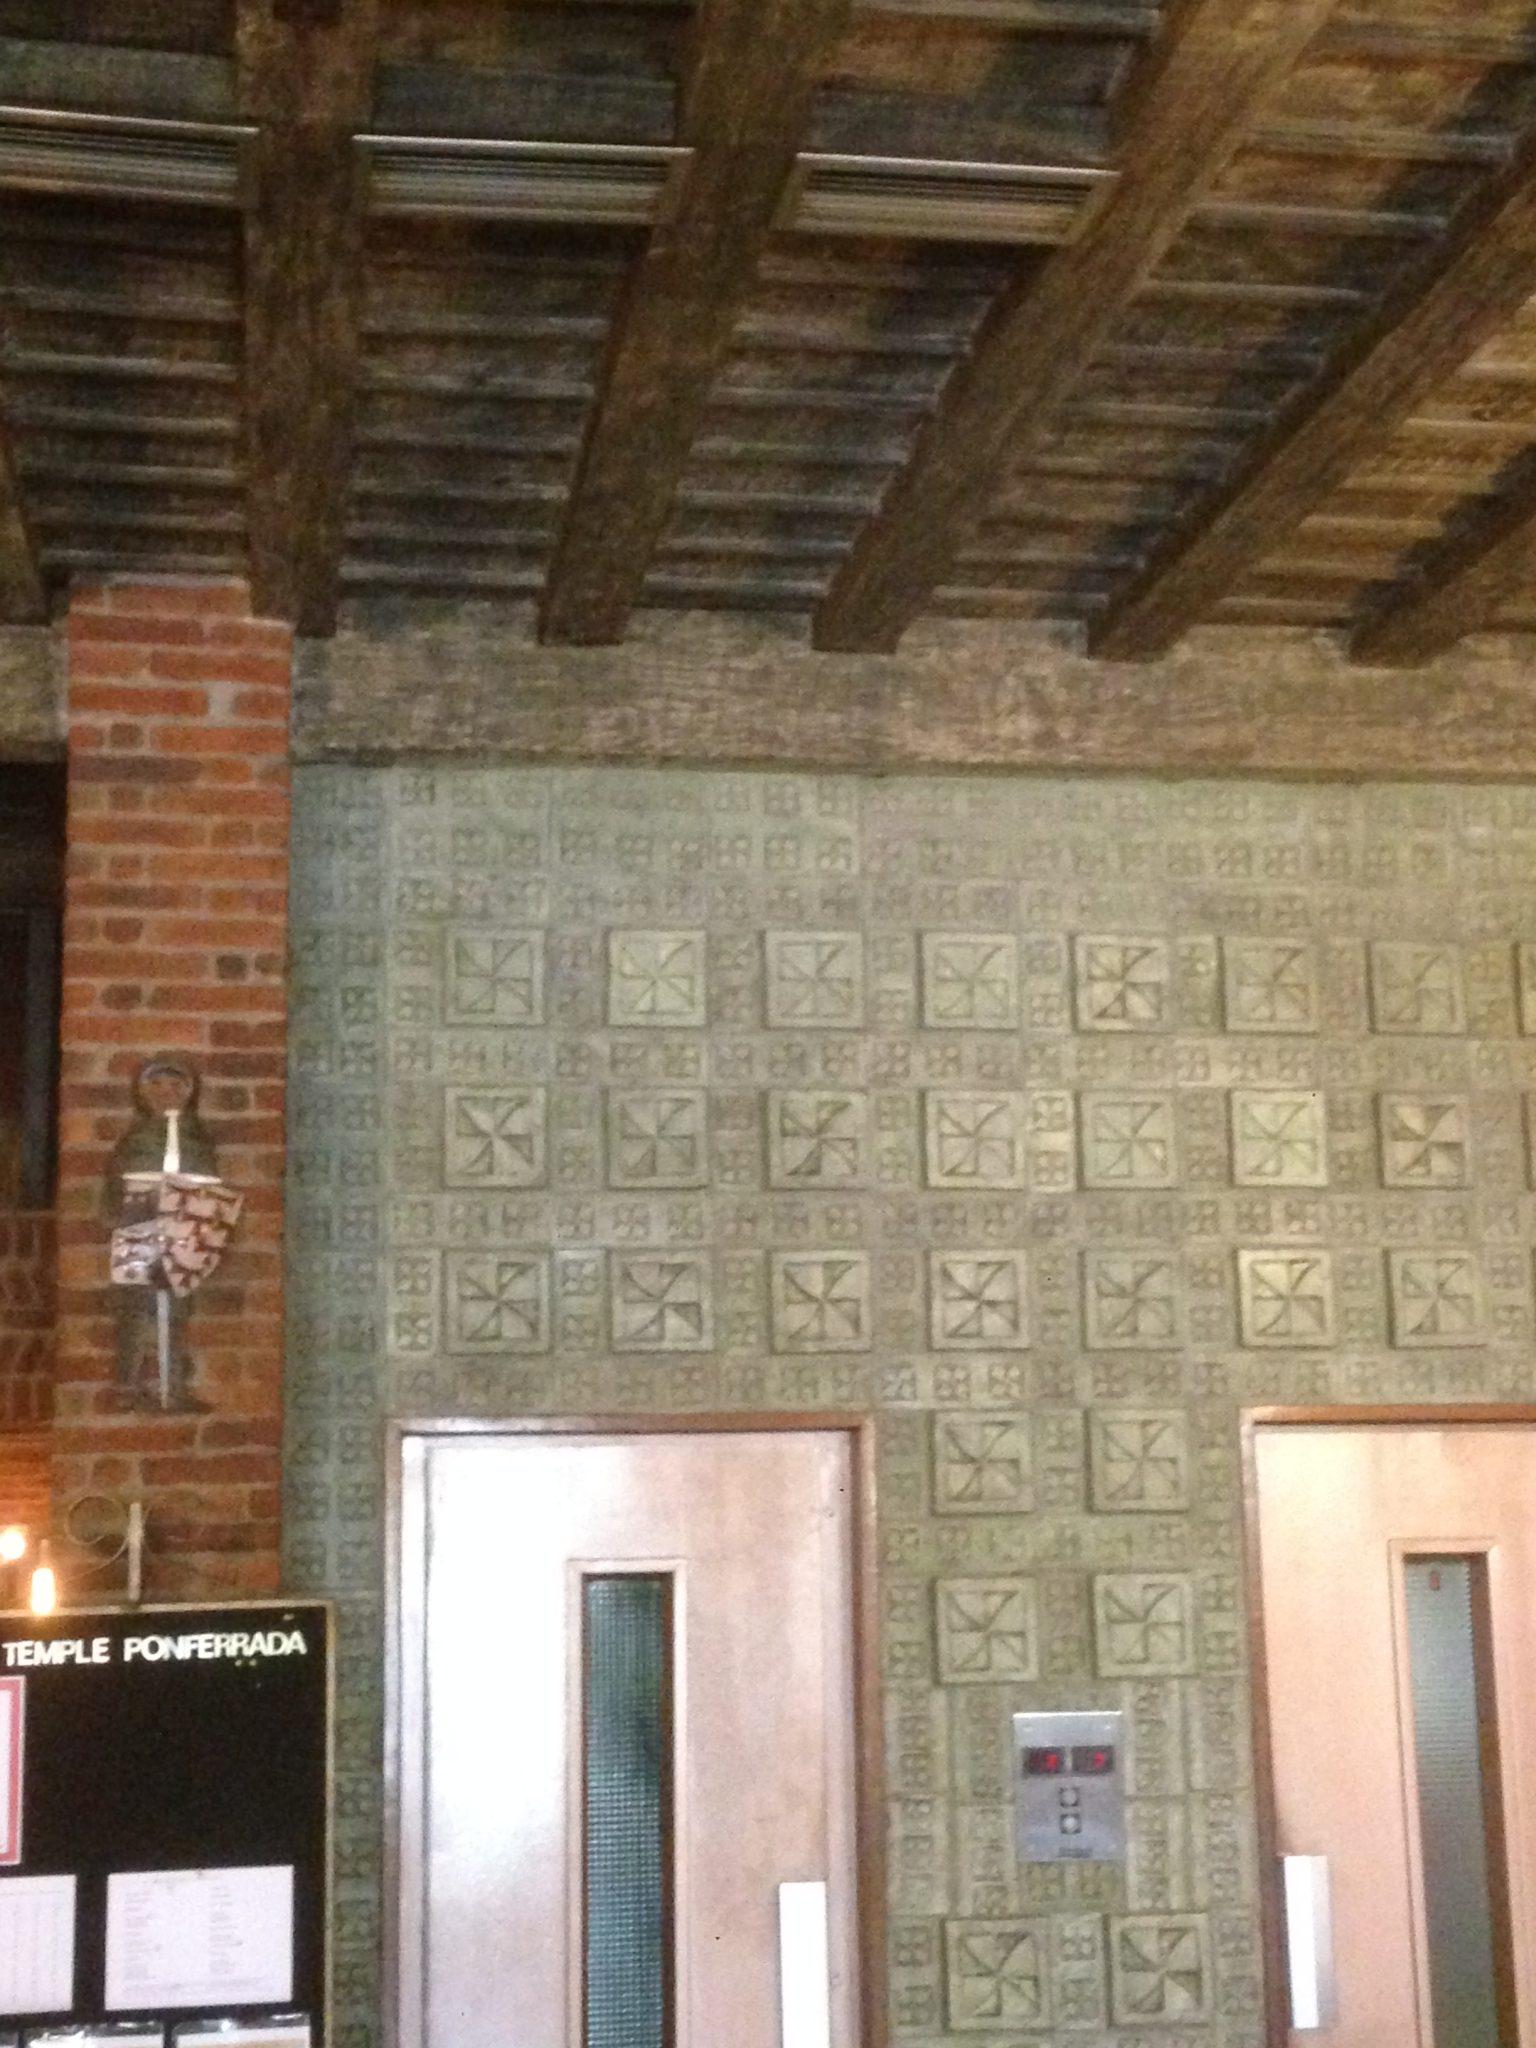 50 años del Hotel del Temple en Ponferrada, el capricho de Pedro Barrios 19